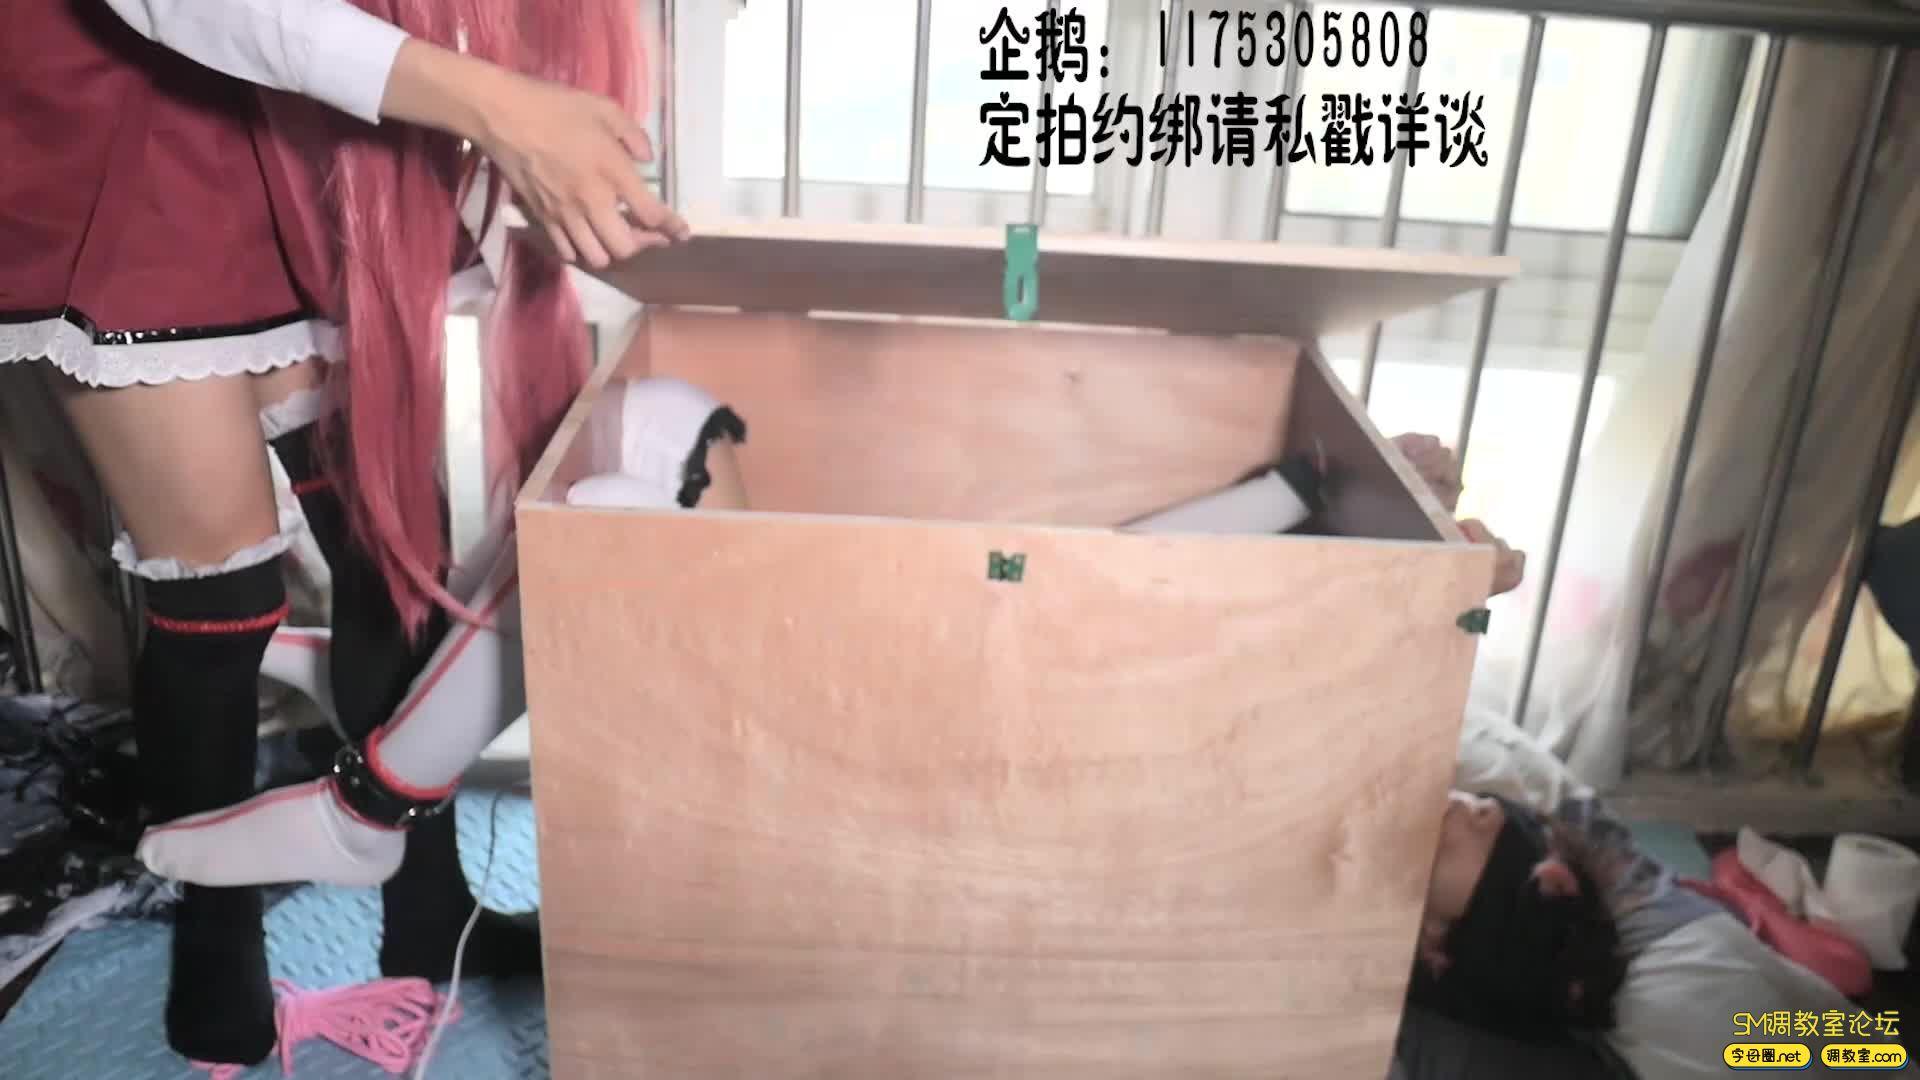 【莉雅的紧缚实验】拘束箱初次登场 五河琴里X绊爱 COSPLAY-视频截图7